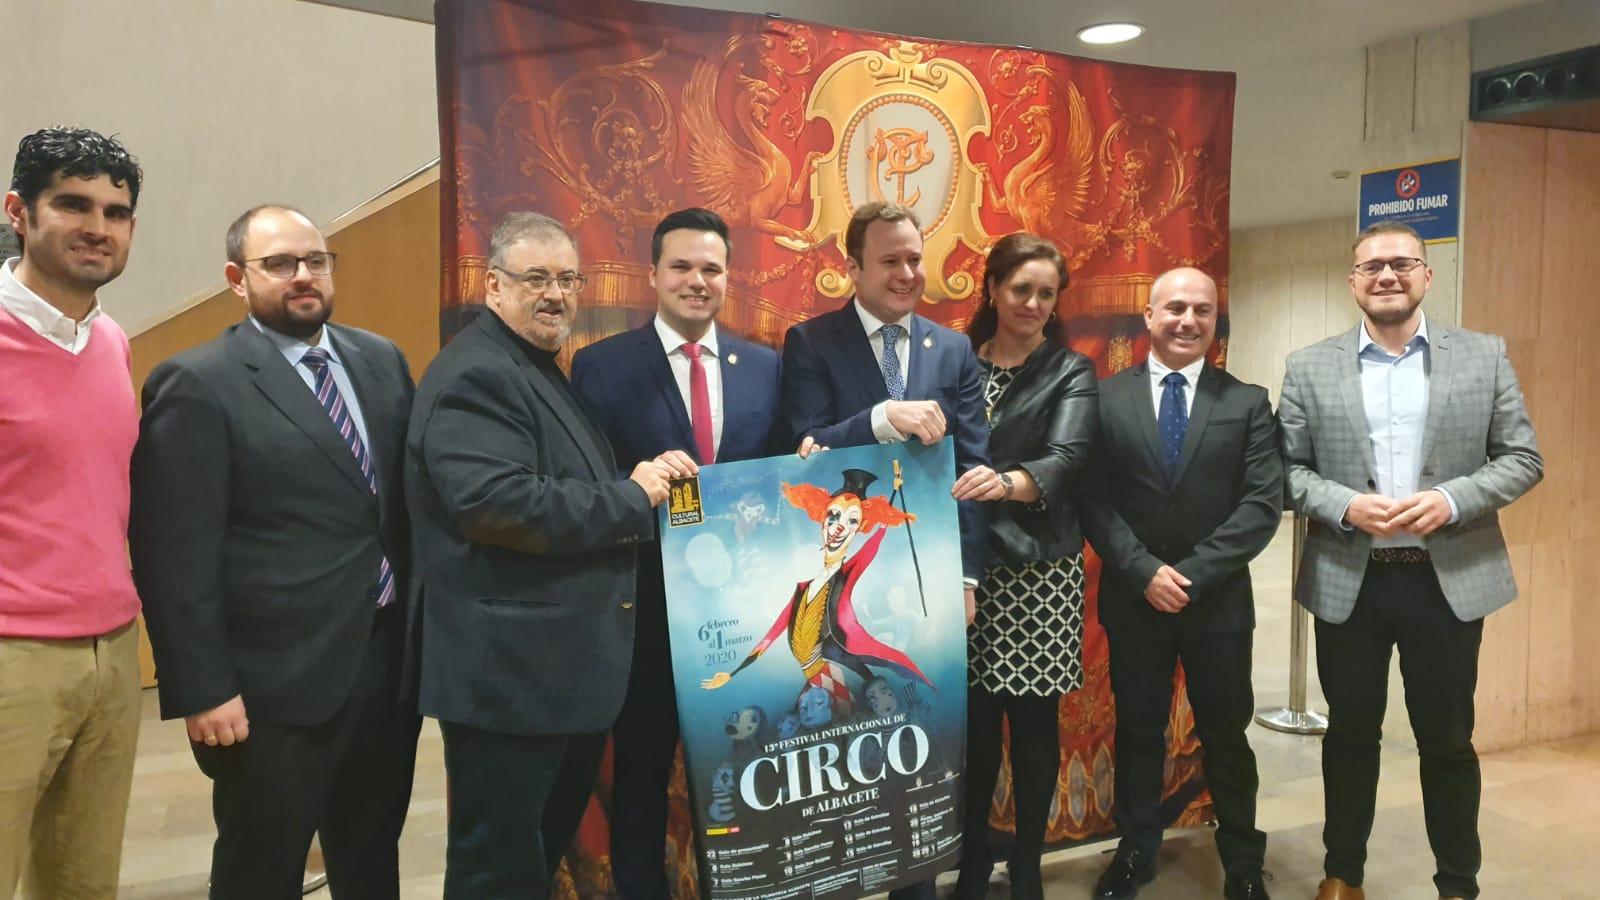 El Festival Internacional de Circo de Albacete queda inaugurado con múltiples sorpresas